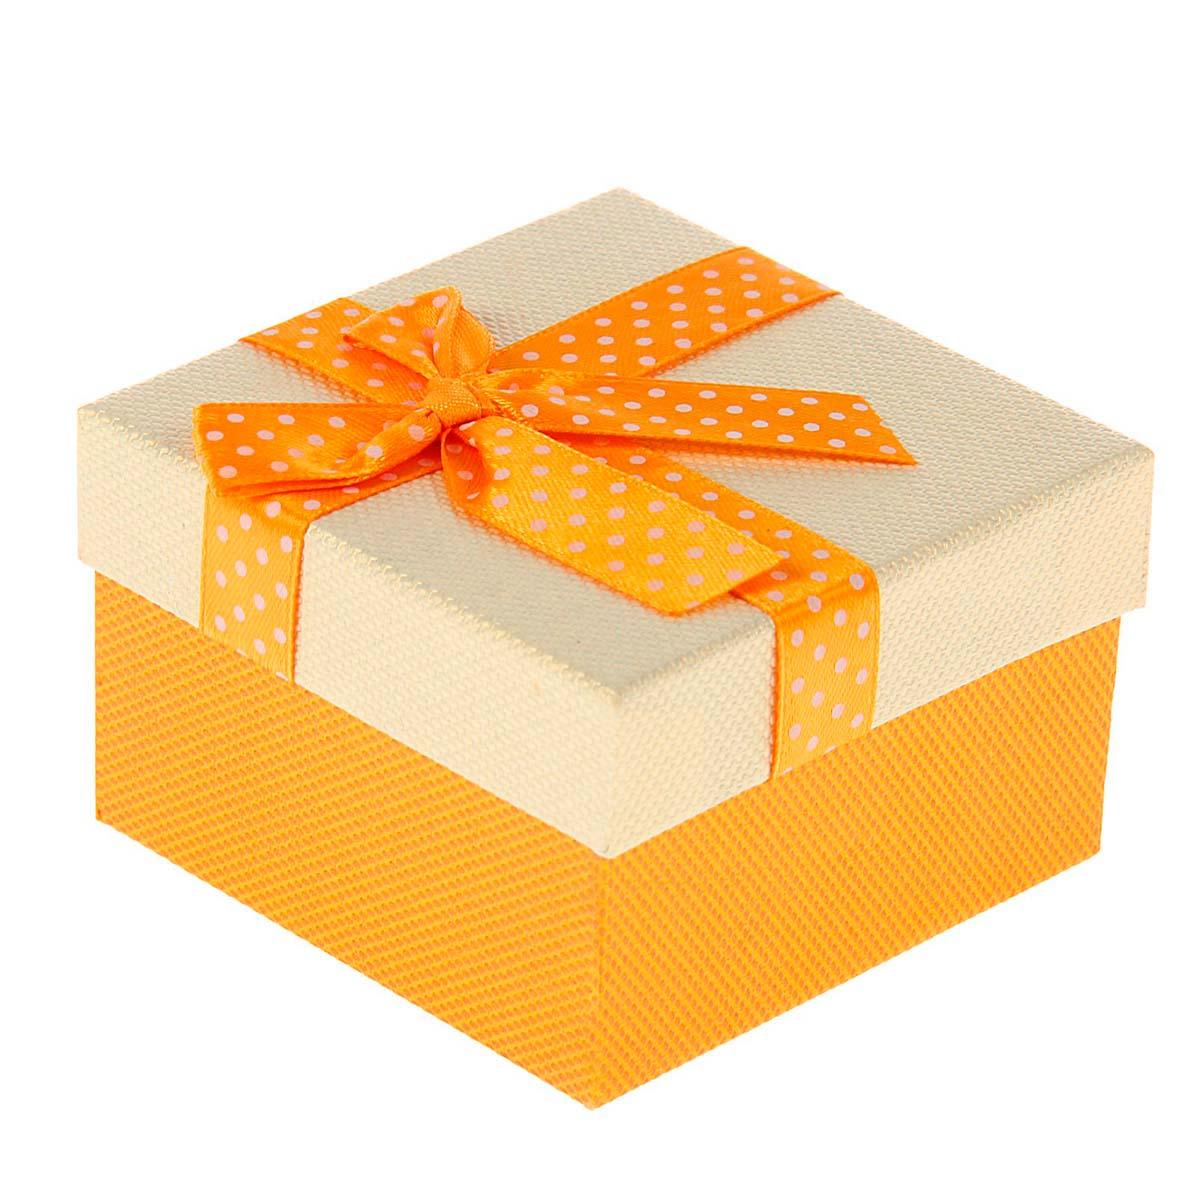 1150627 Коробка подарочная квадрат 'Бант' 9*9*5,5 см желтый